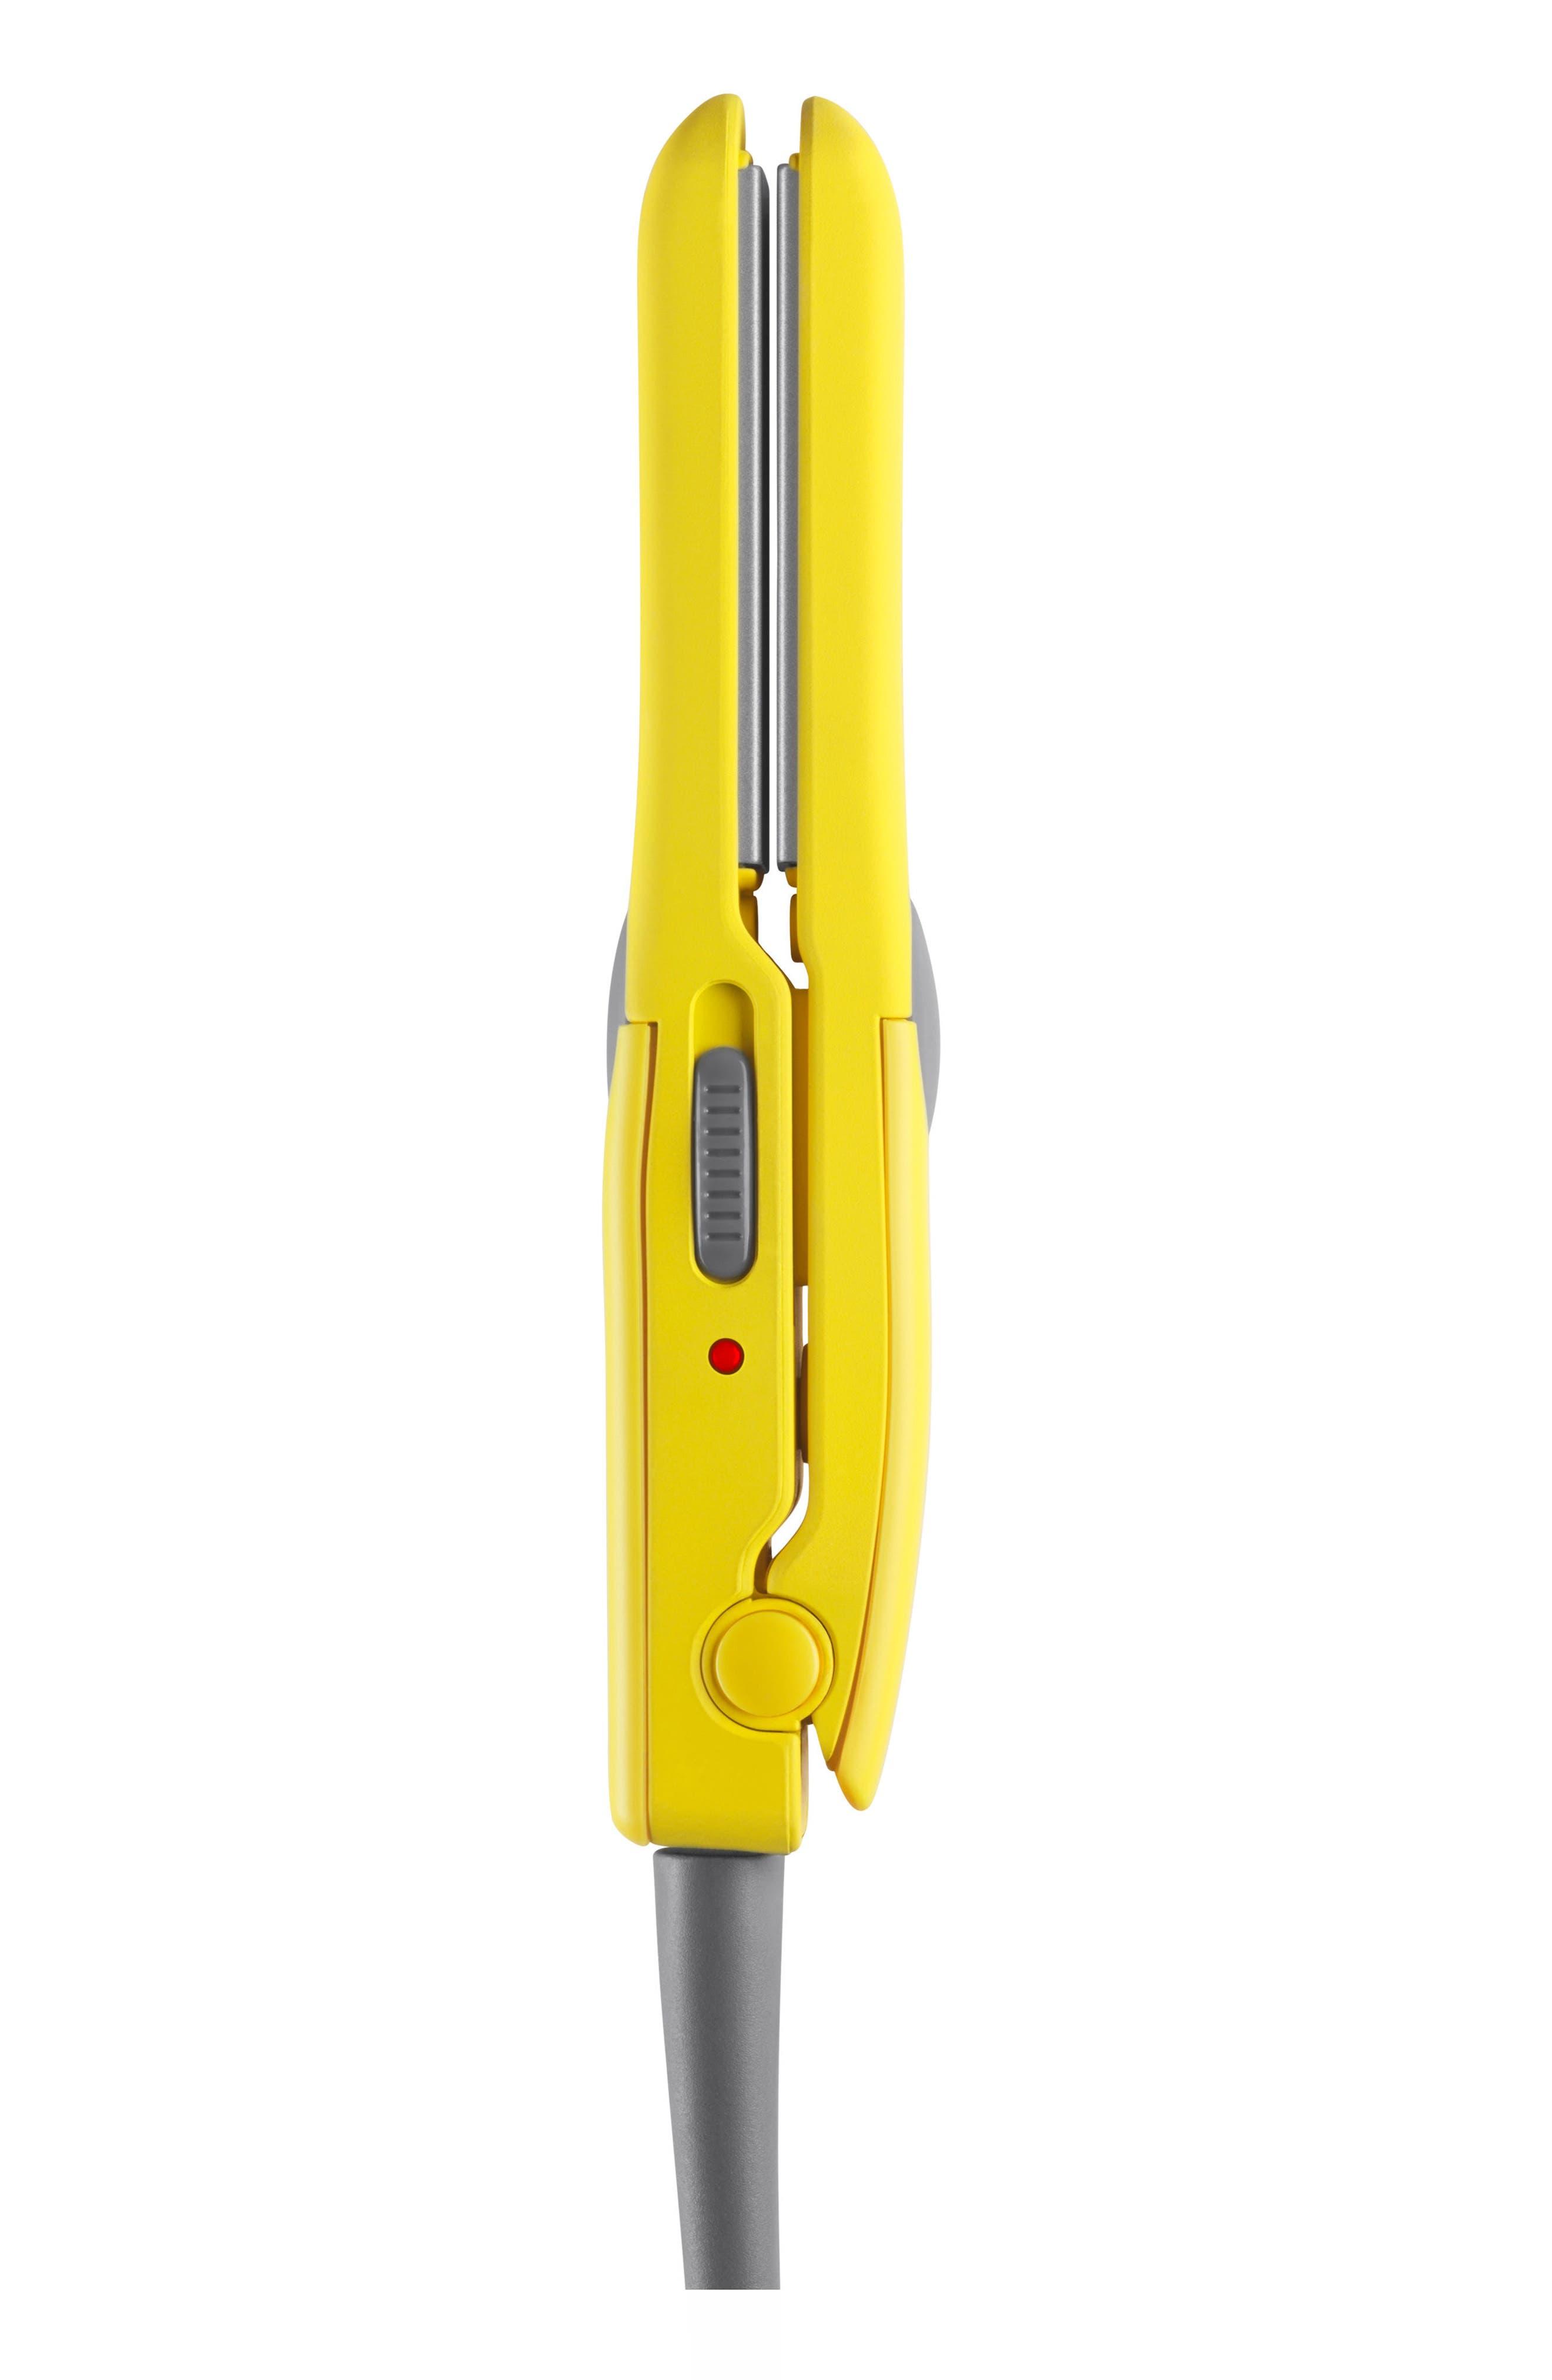 Main Image - Drybar The Tiny Tress Press Compact Detailing Iron